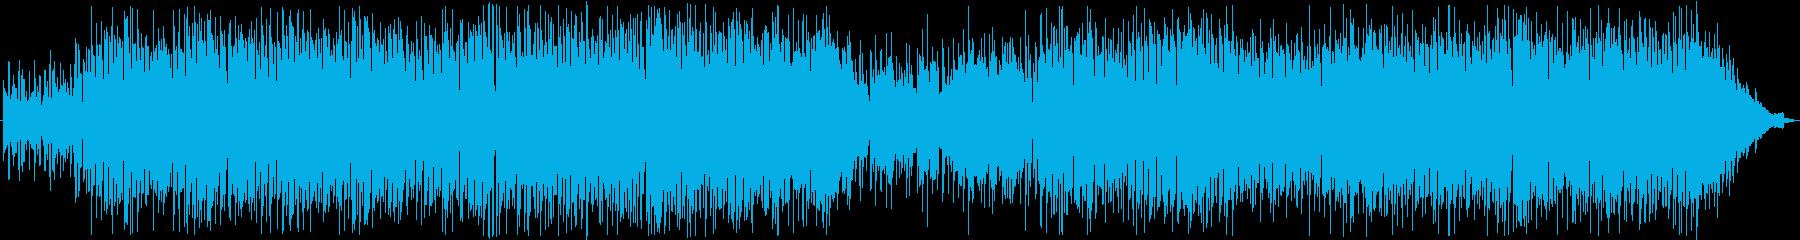 ラウンジ系ポップスの再生済みの波形